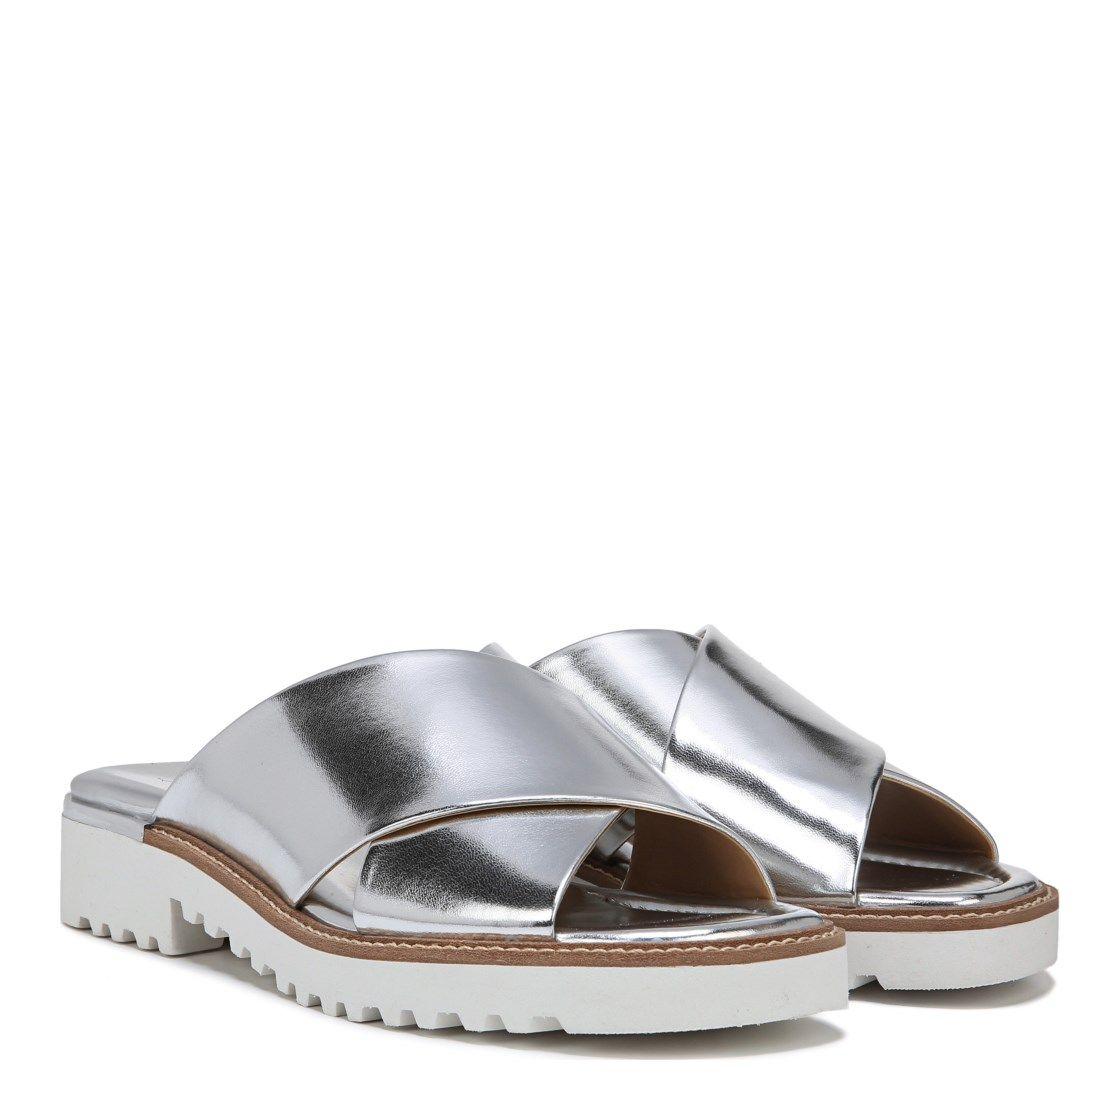 620cdf56e5c9 Franco Sarto Tilden Sandal Silver Metallic